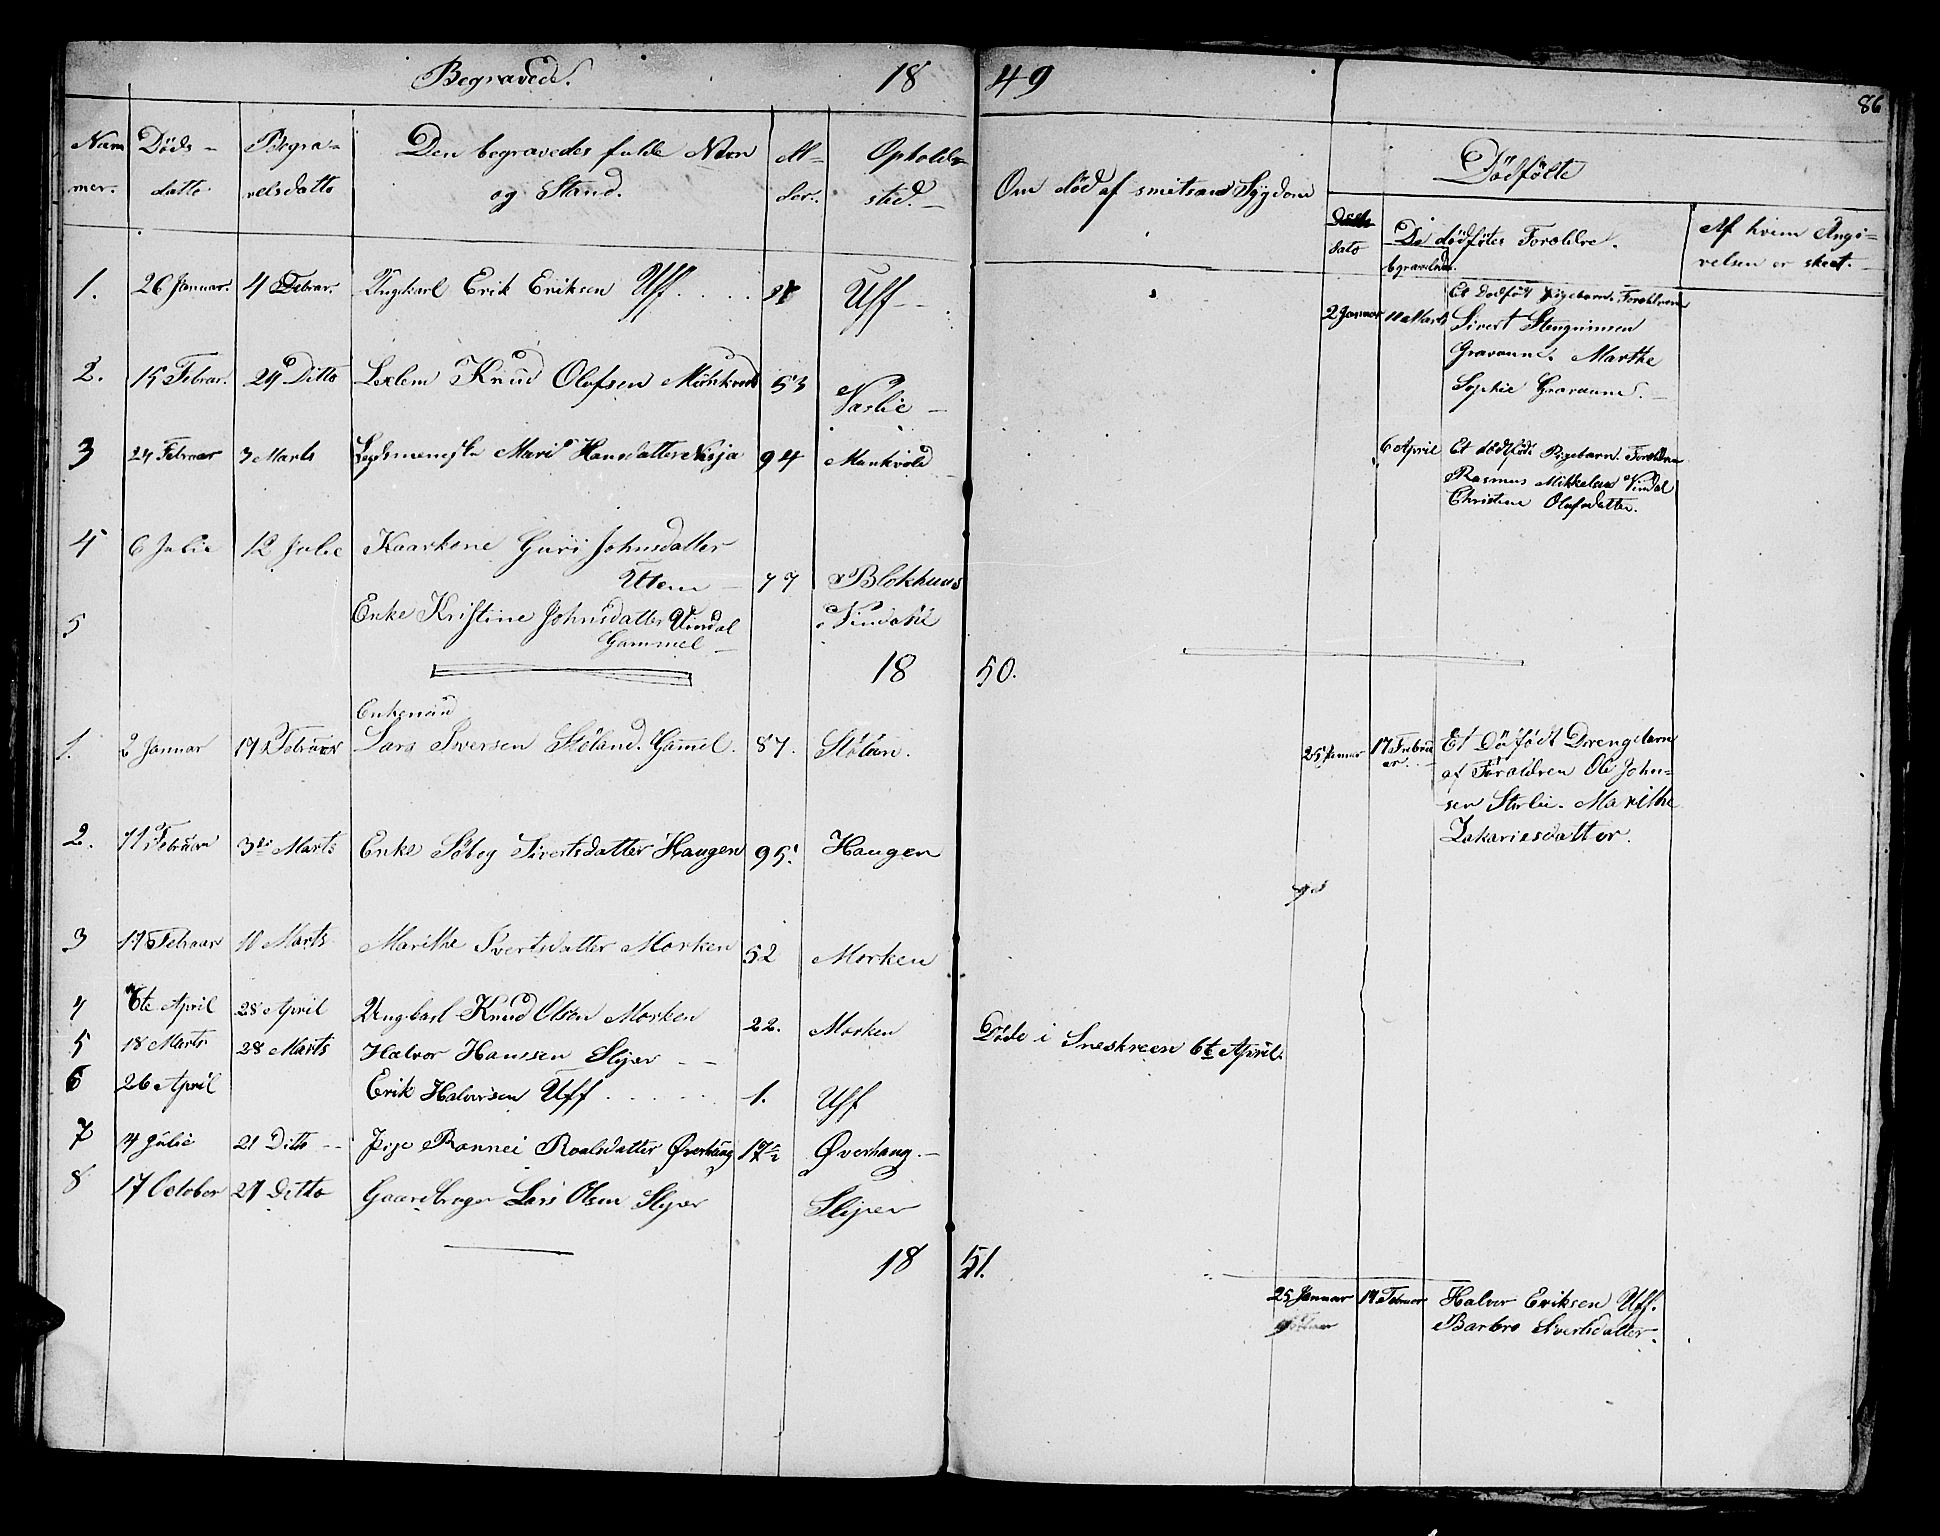 SAT, Ministerialprotokoller, klokkerbøker og fødselsregistre - Sør-Trøndelag, 679/L0922: Klokkerbok nr. 679C02, 1845-1851, s. 86